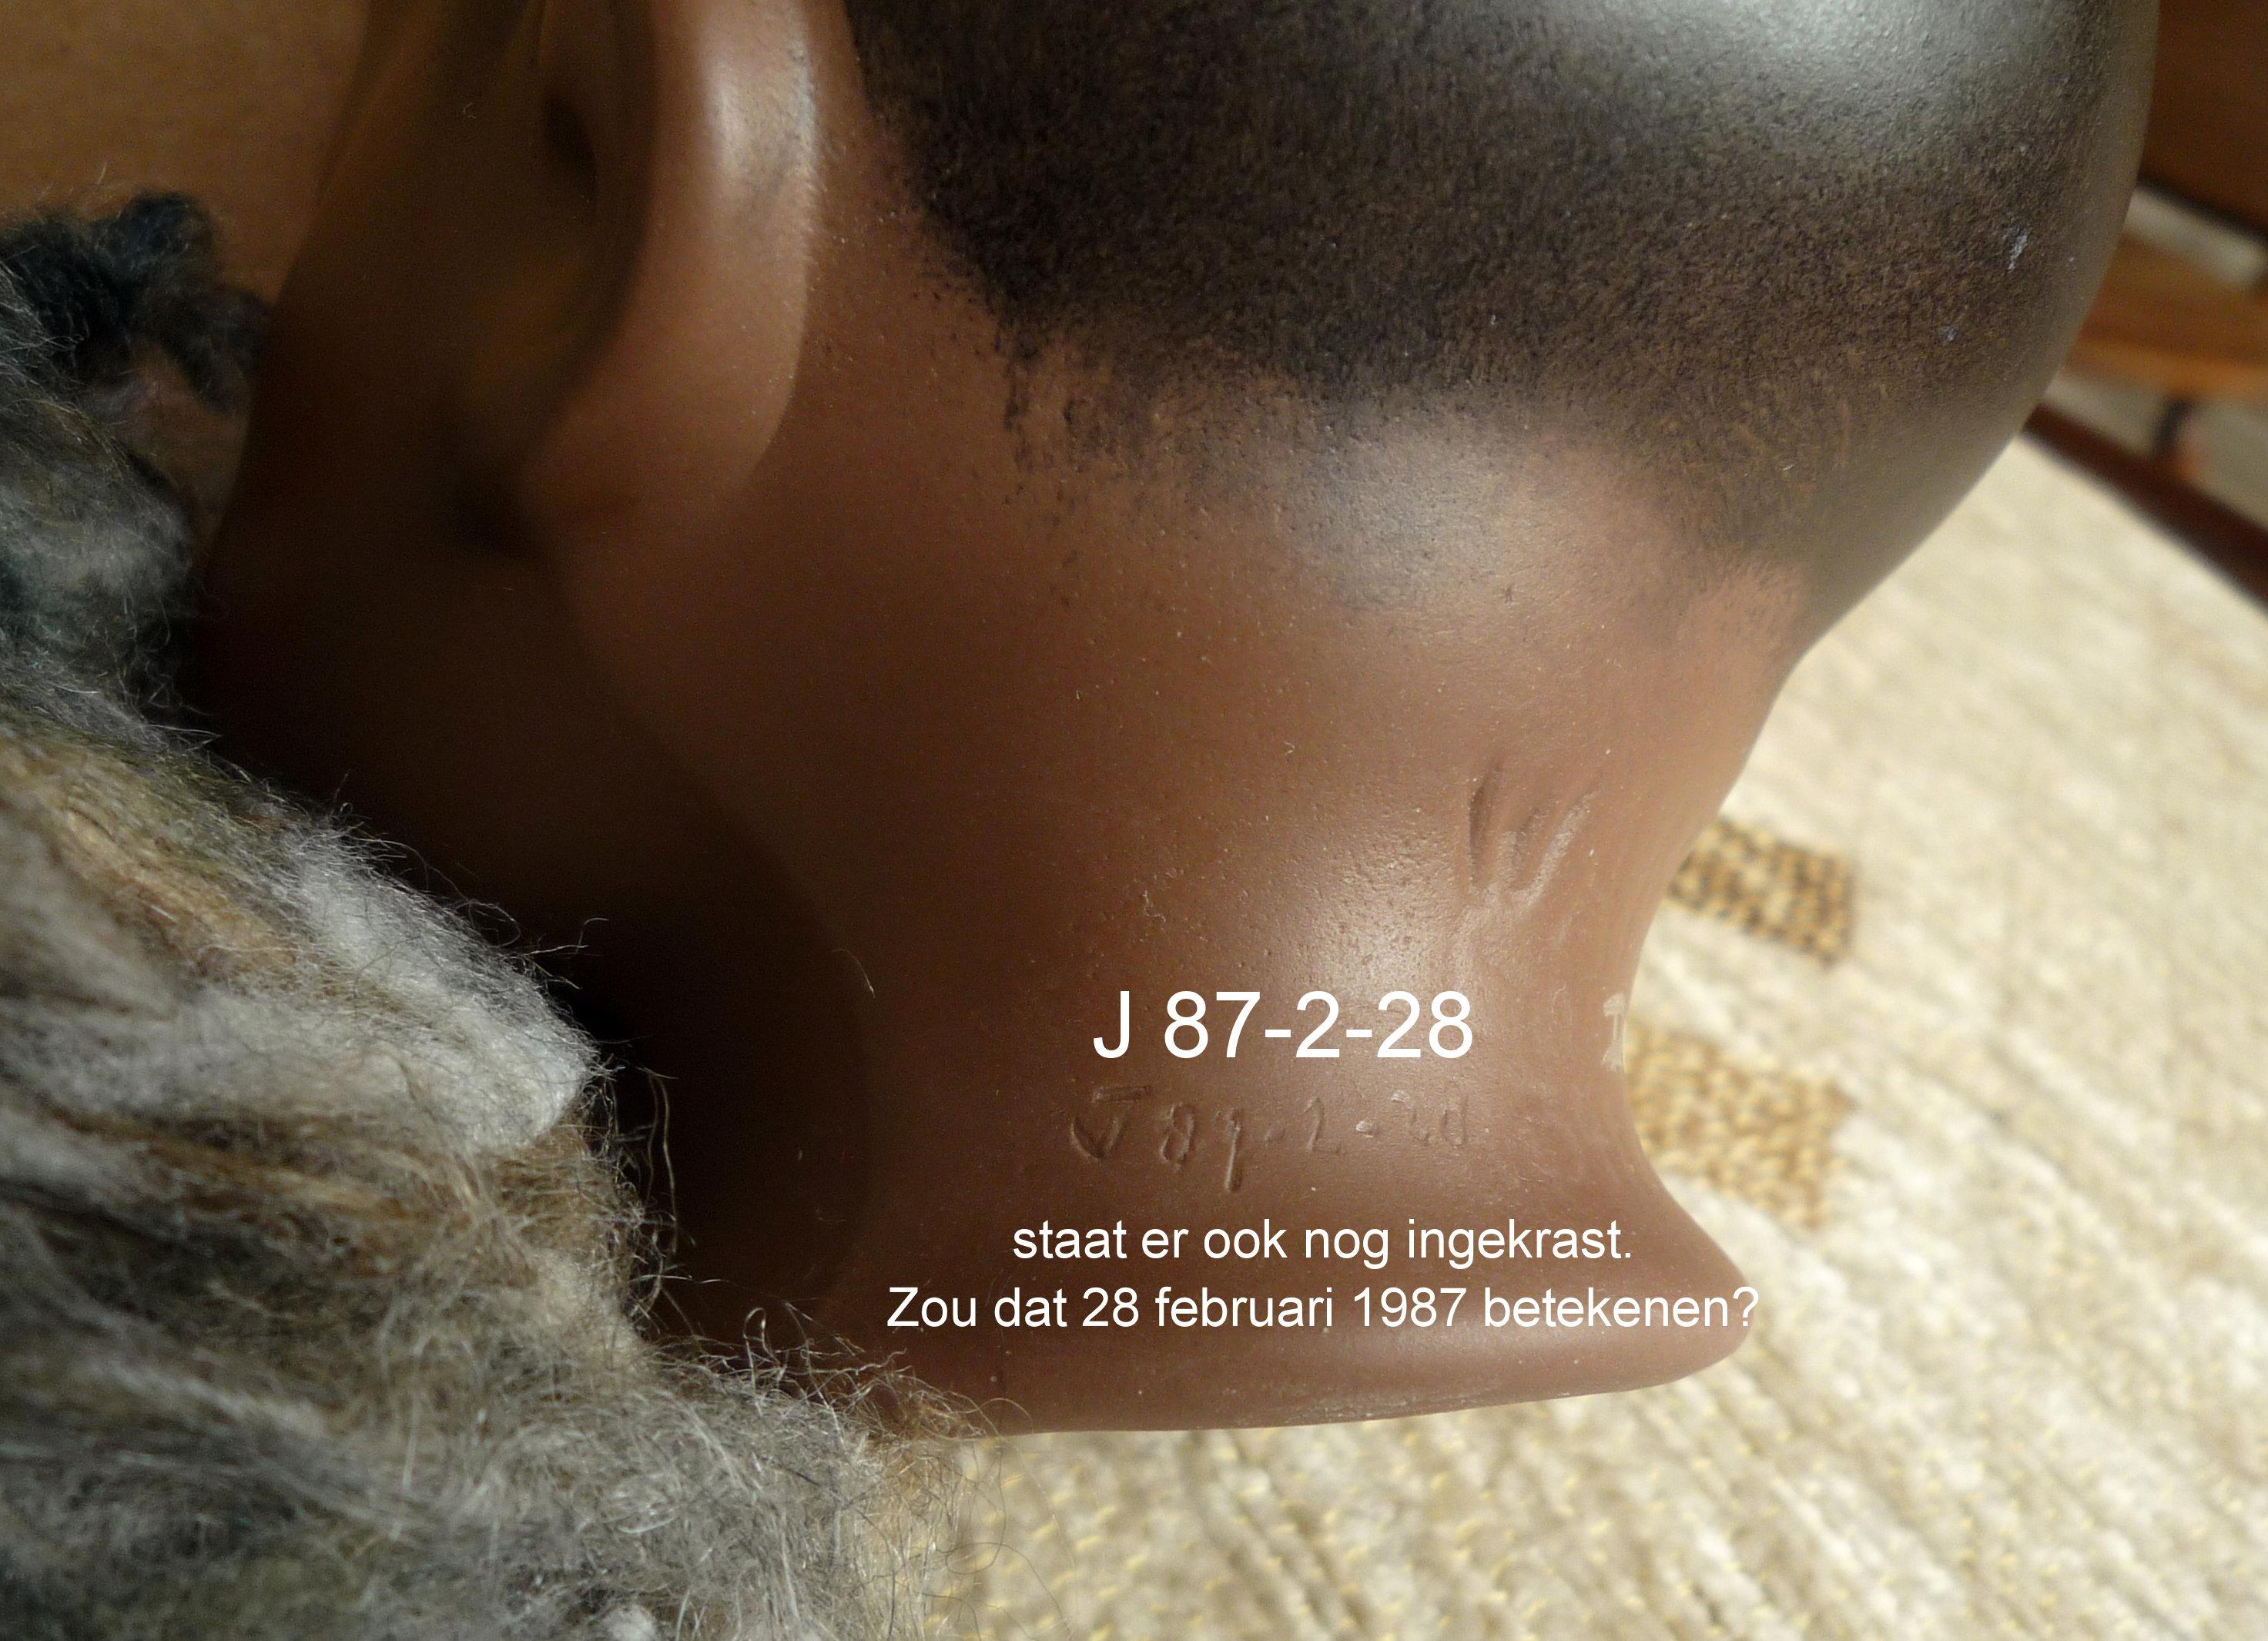 https://welkepopisdat.nl/afbeeldingen-Forum/DurvinaFotos/Talisa%20op%20forum%20(7).JPG